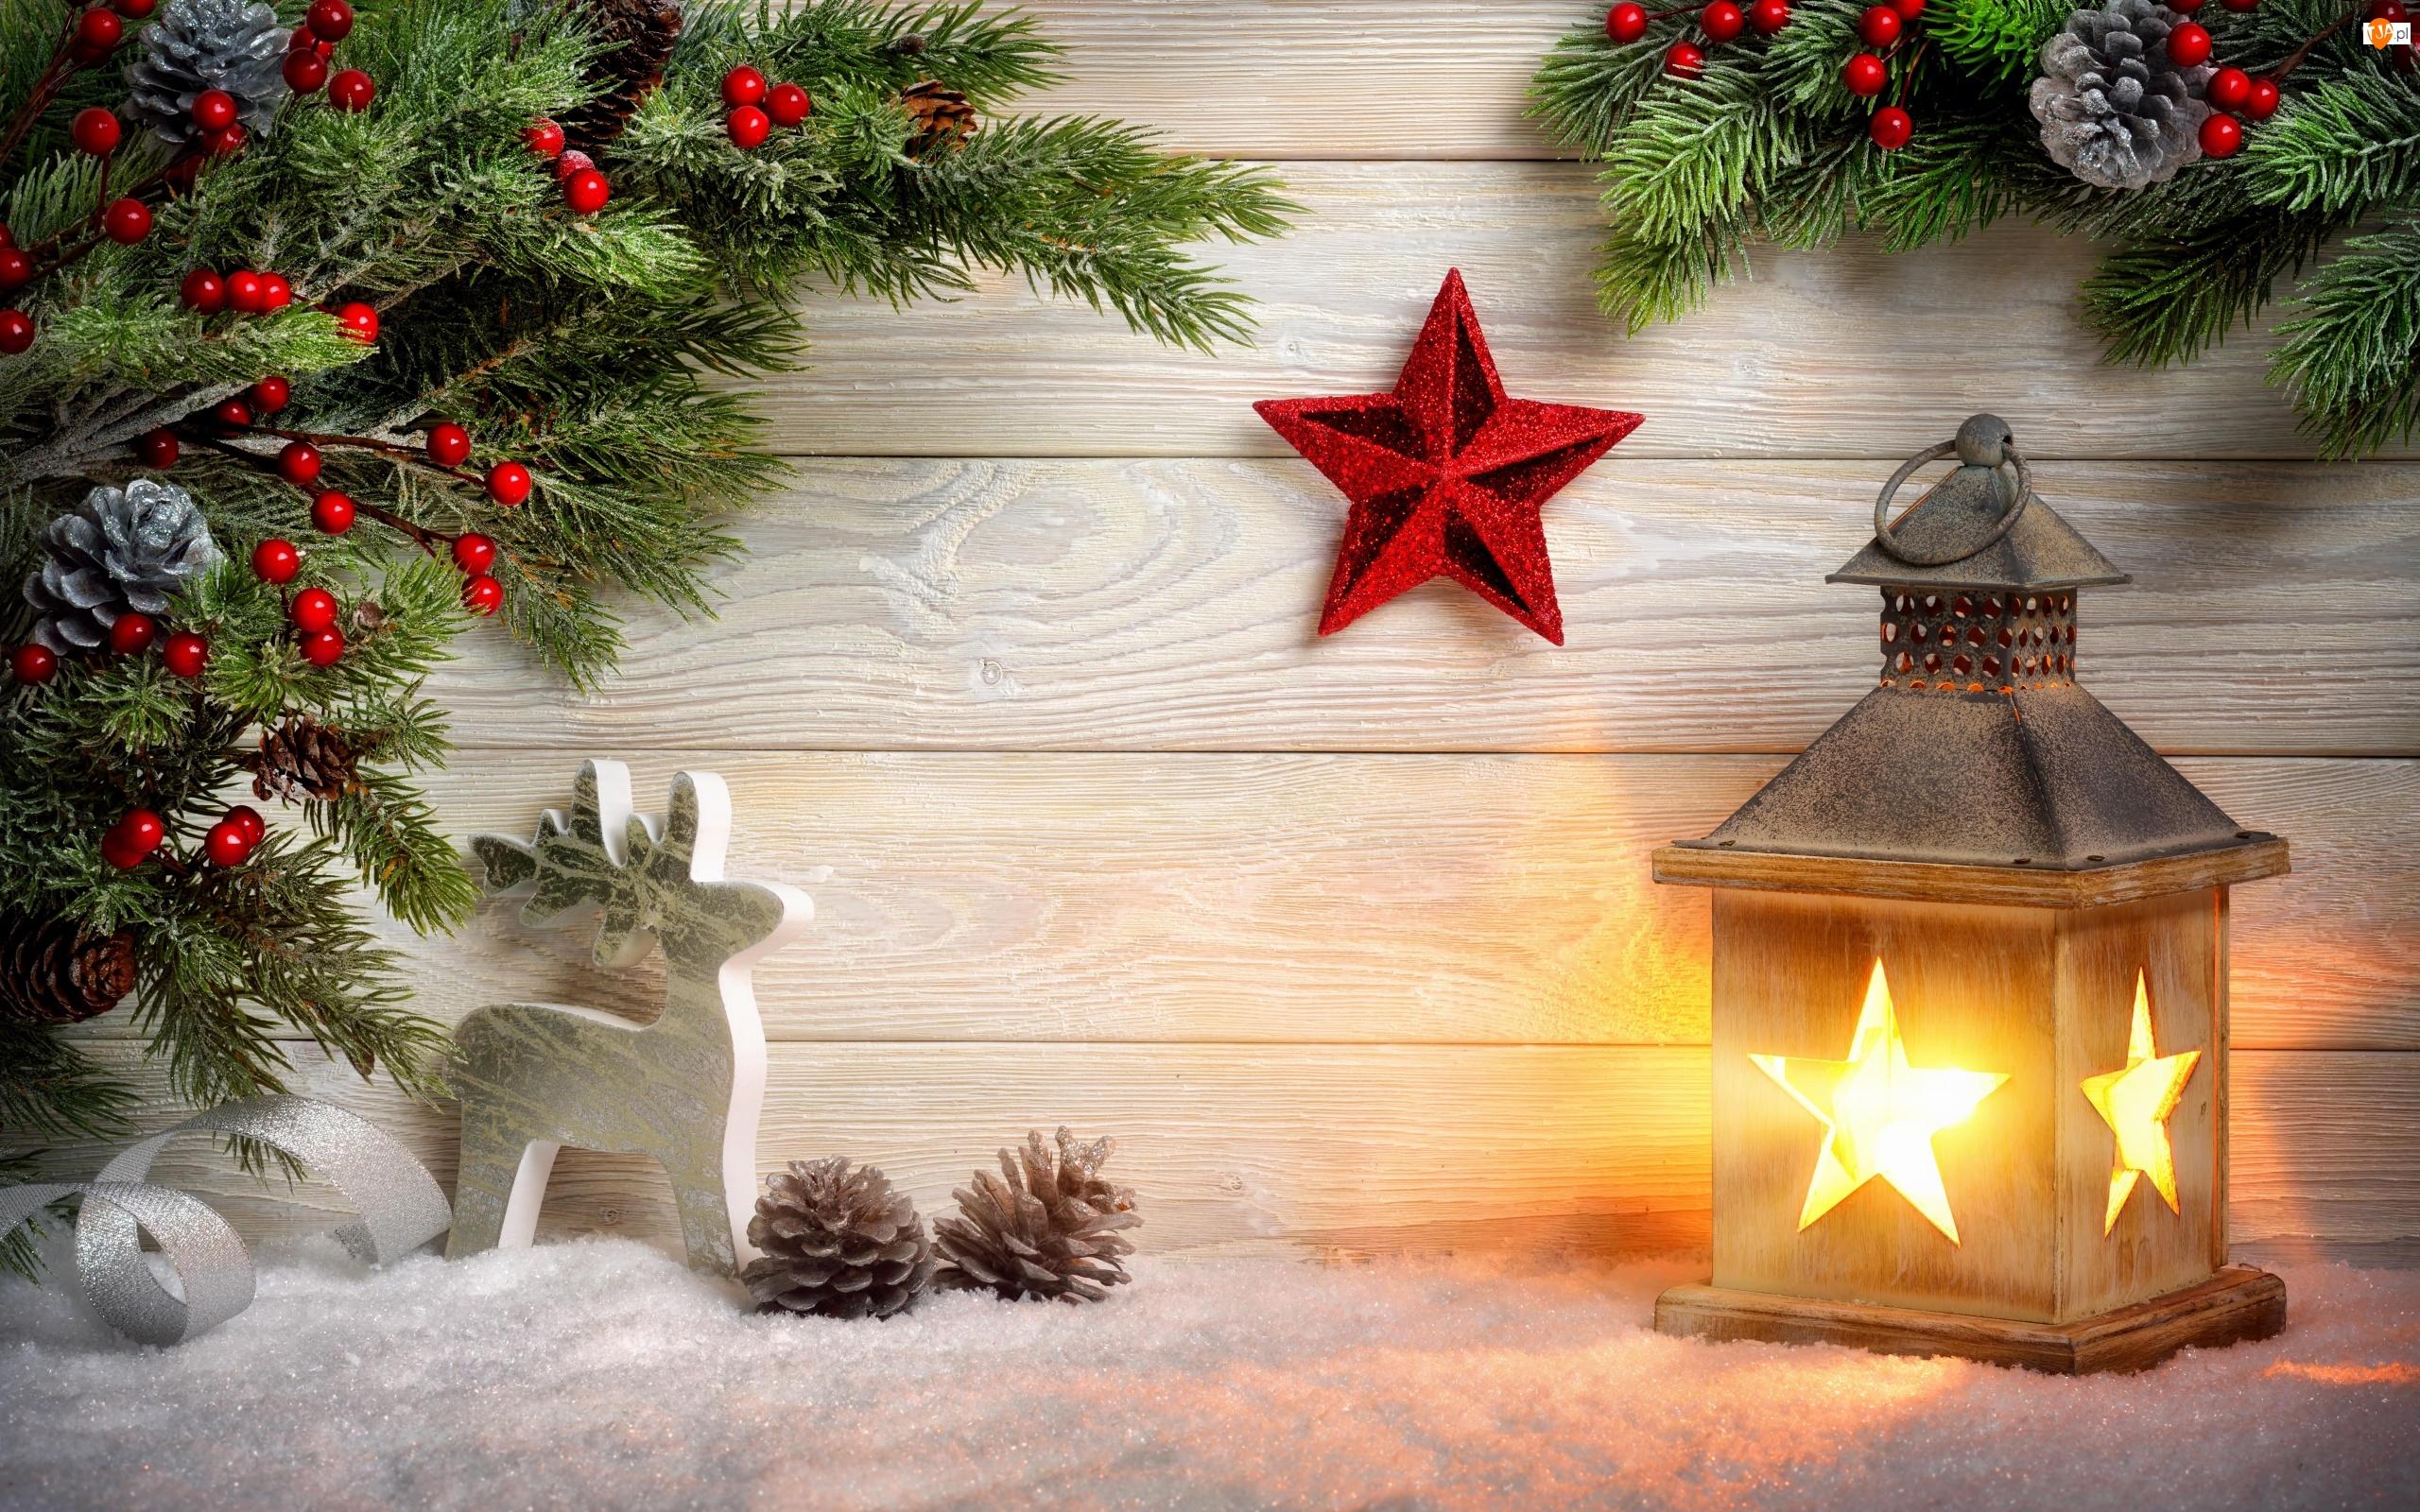 Gałązki, Renifer, Boże Narodzenie, Kompozycja, Szyszki, Lampion, Gwiazdki